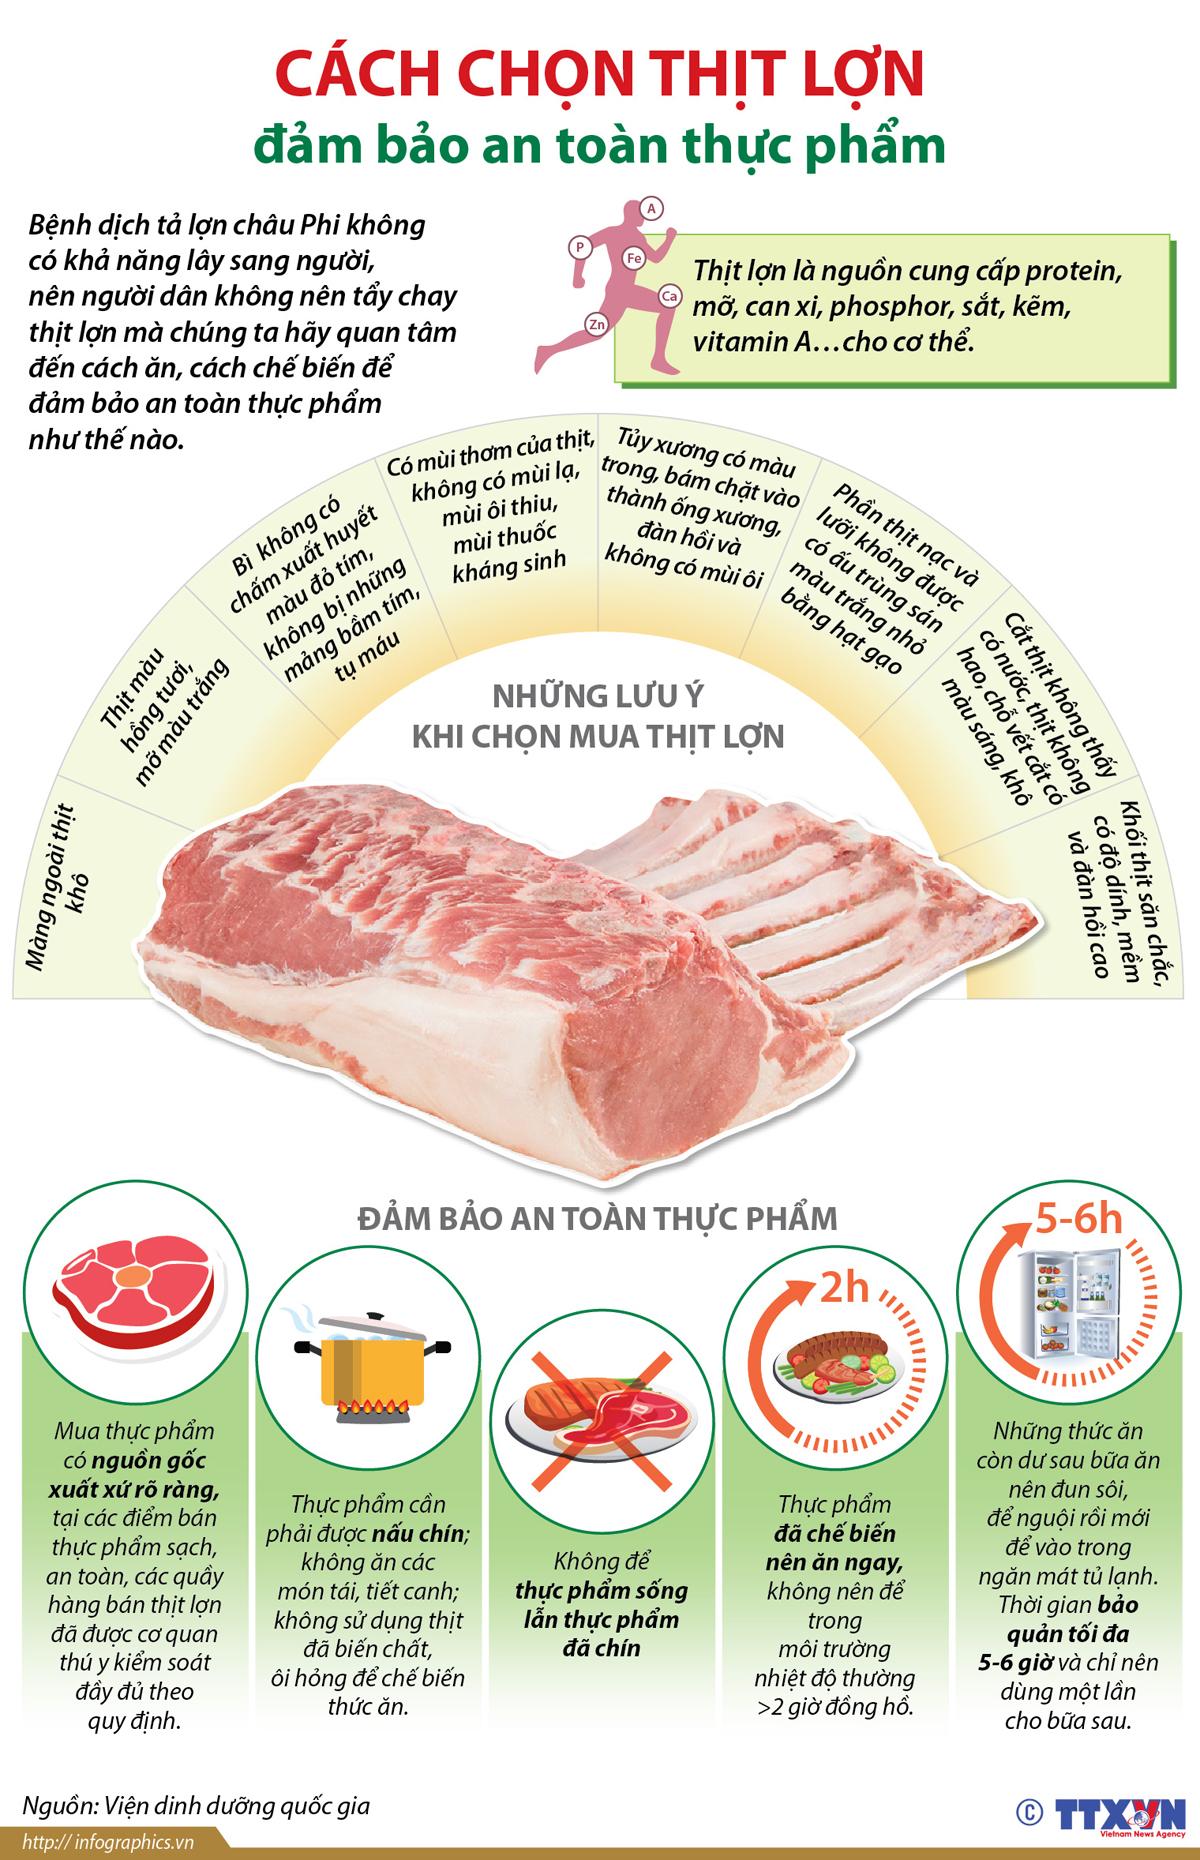 kinh tế, hội nhập, cách chọn thịt lợn, an toàn thực phẩm